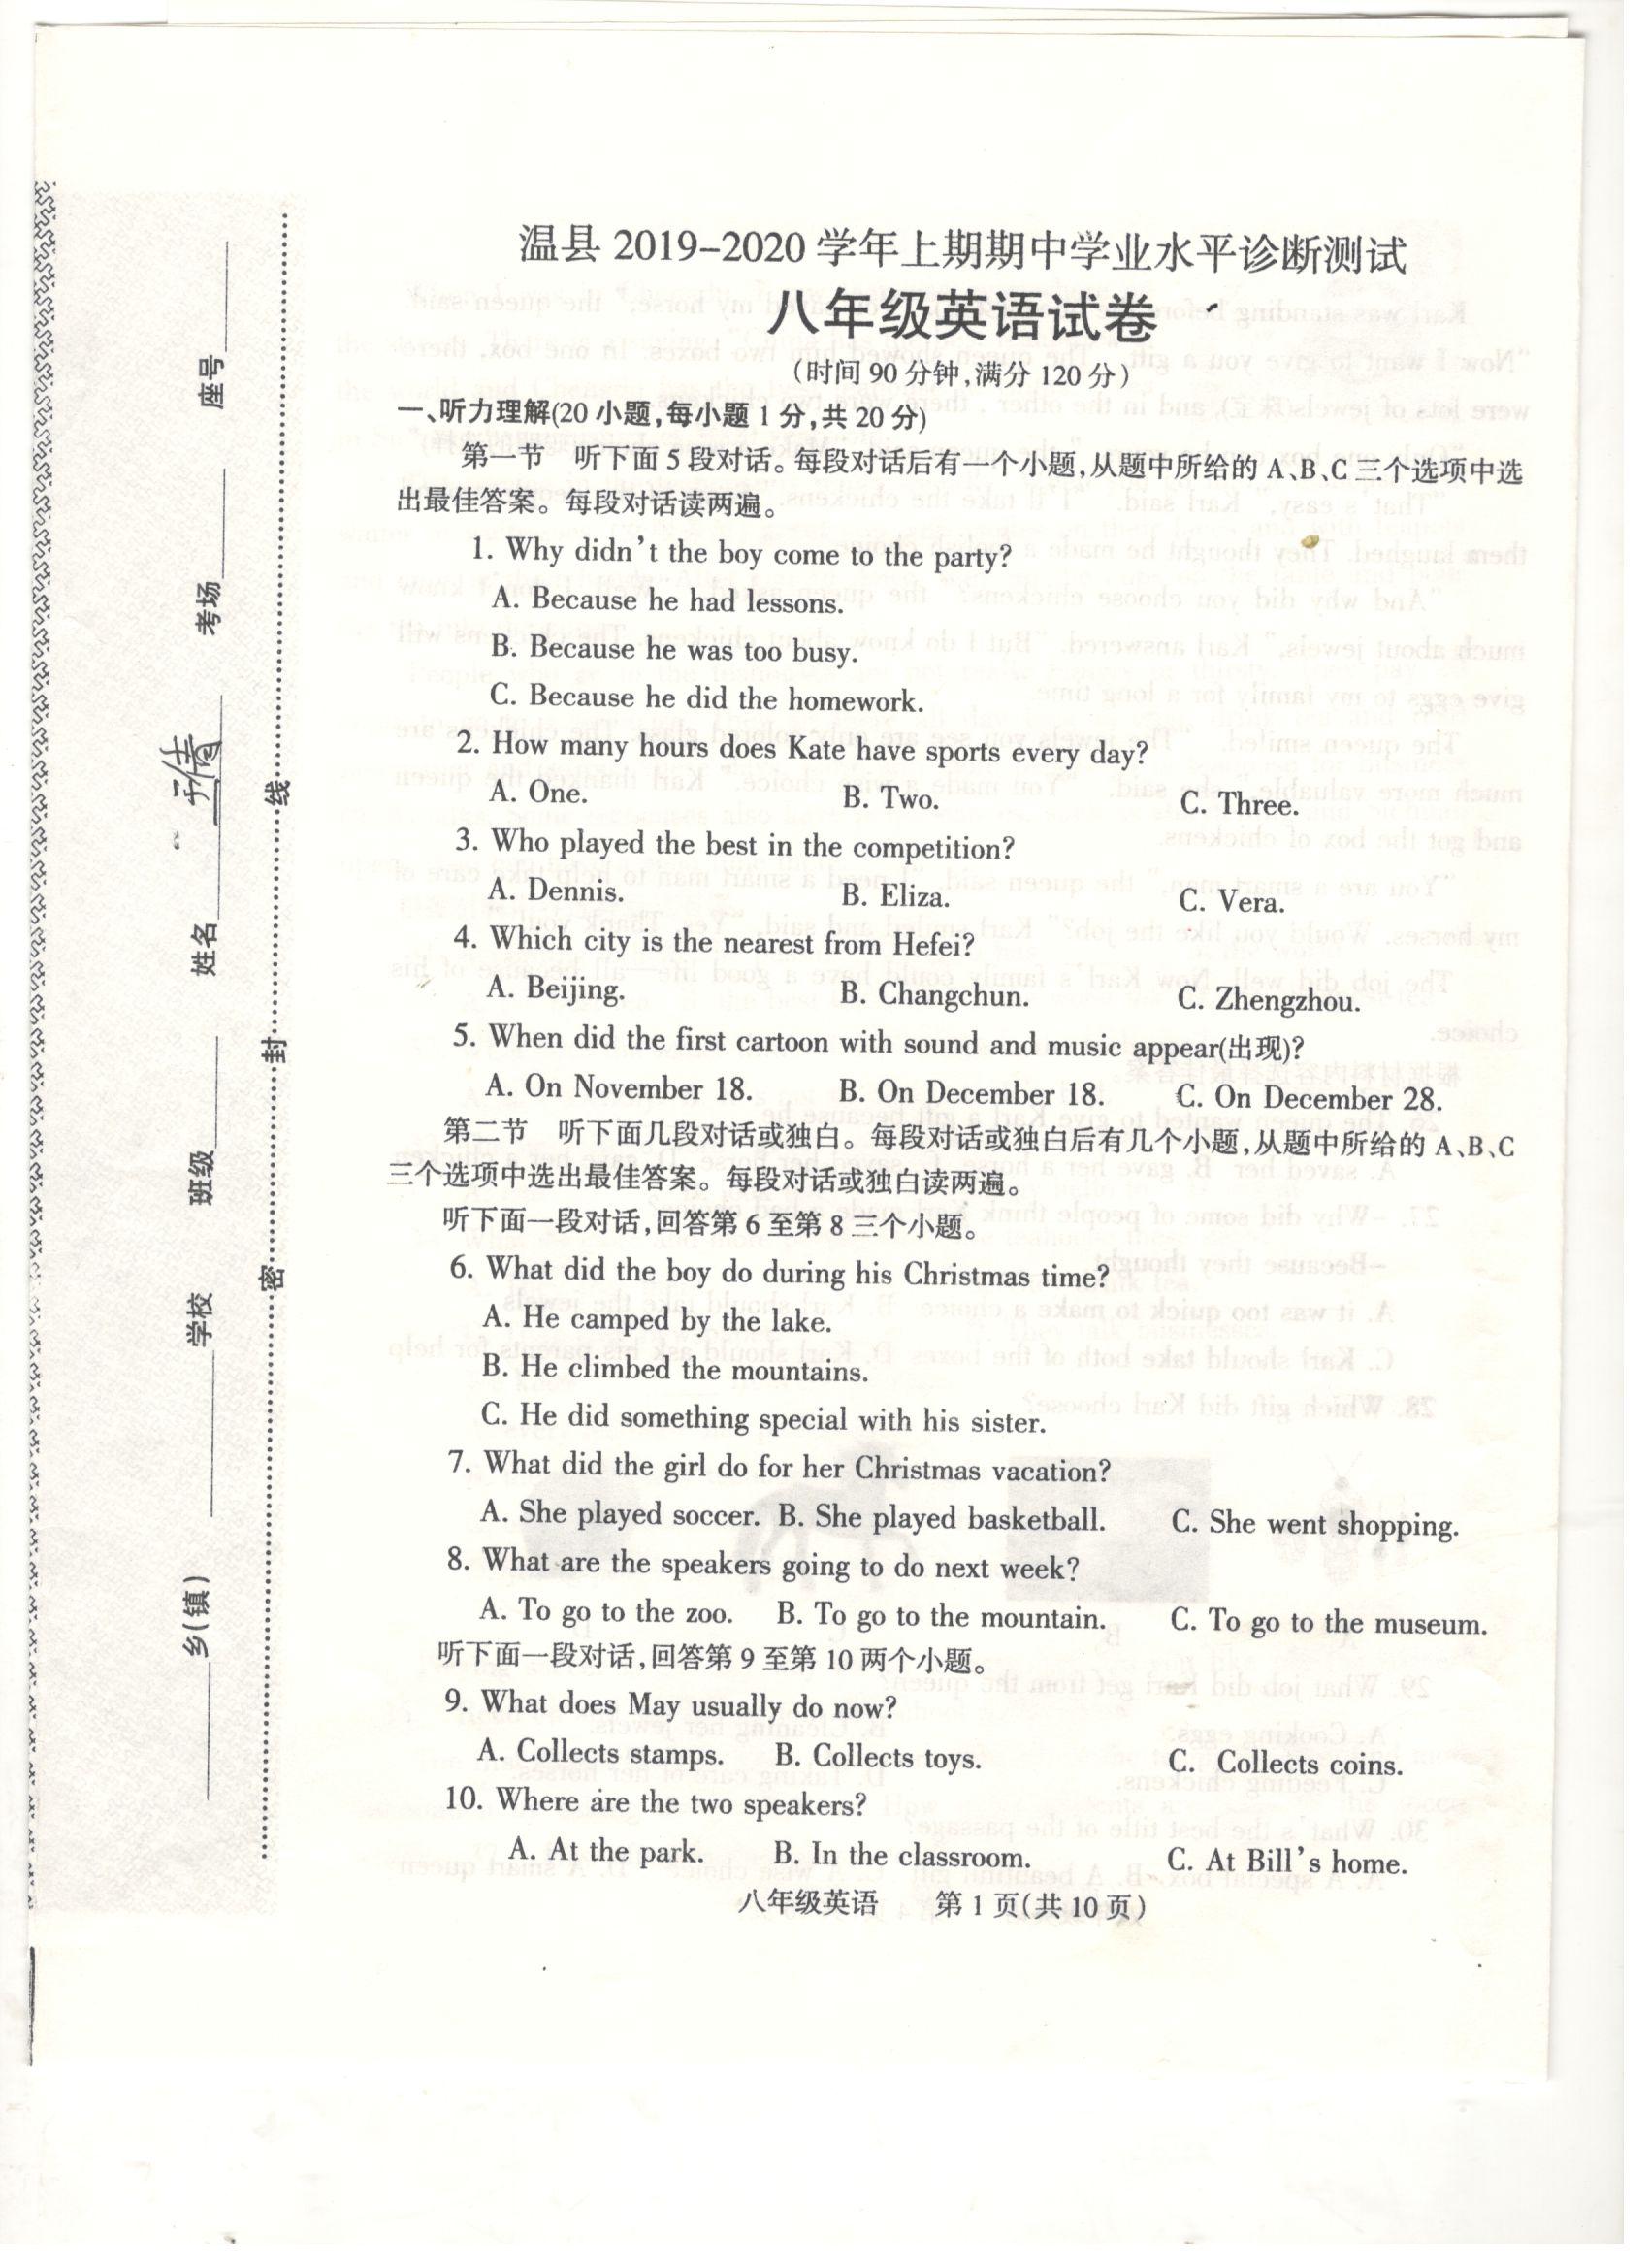 2019-2020河南焦作市温县八年级英语上册期中试题答案(图片版)